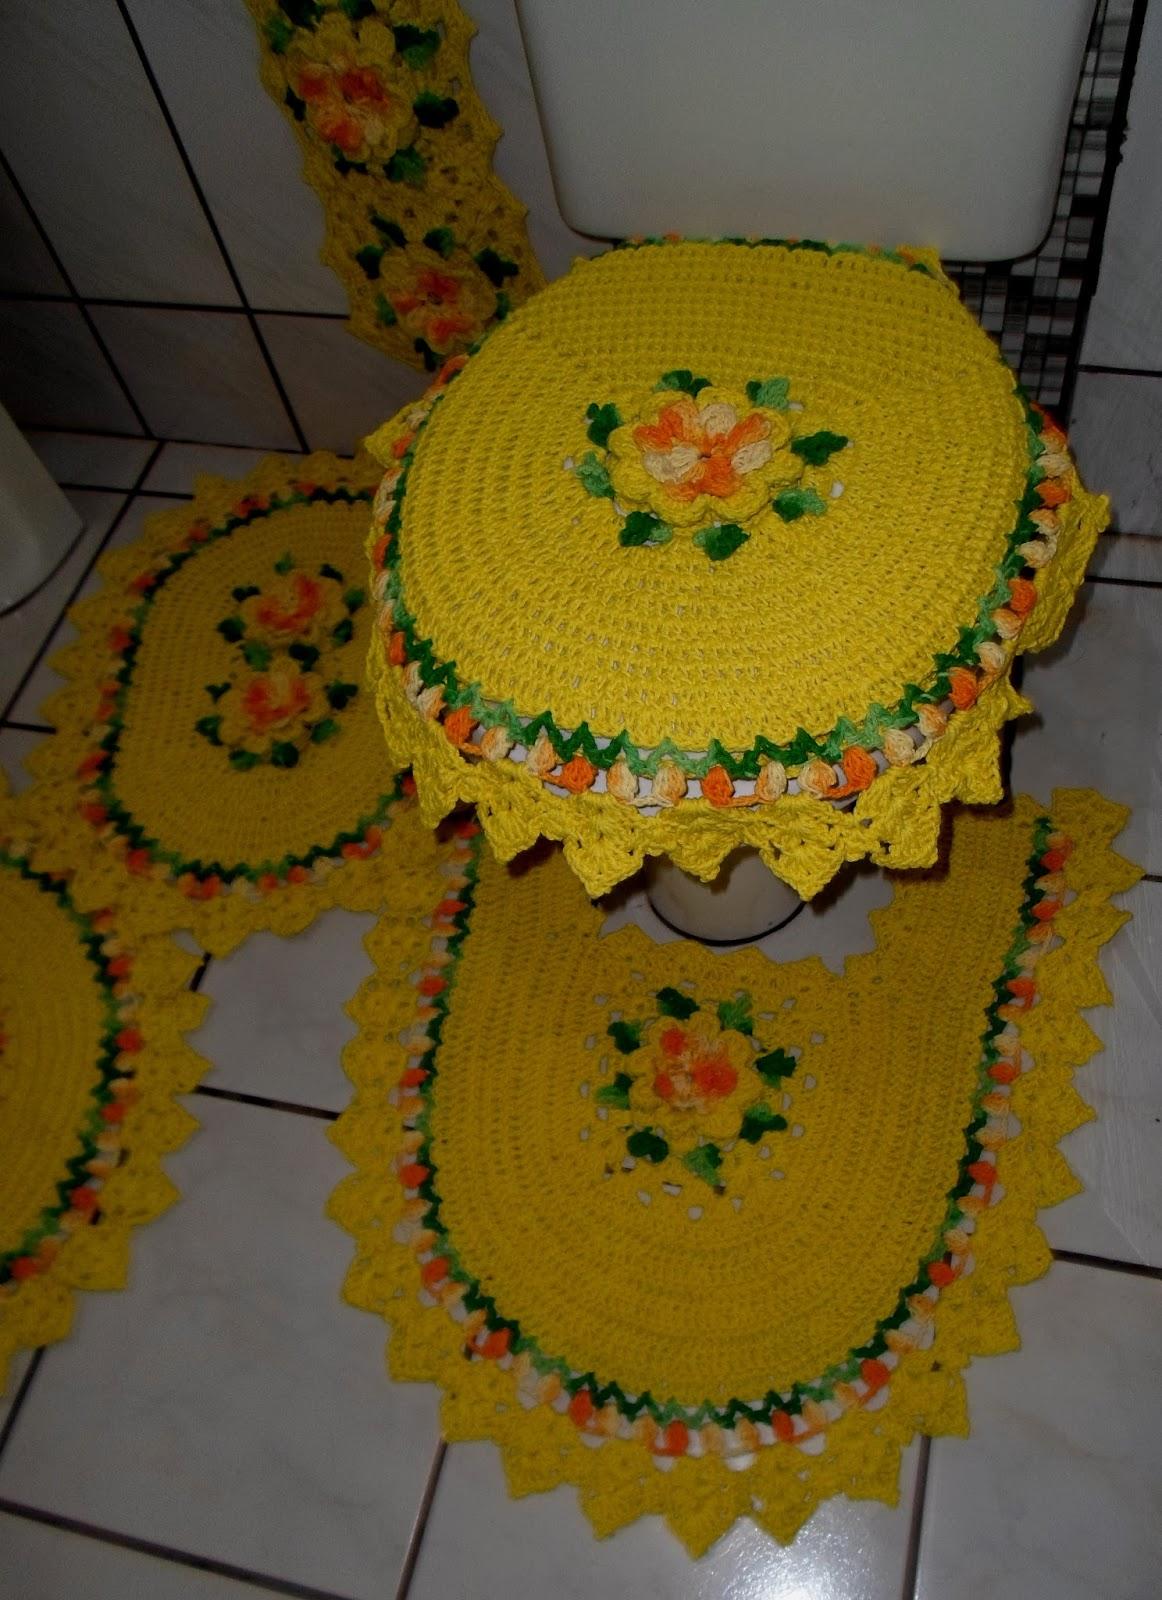 Tapetes Criativos: JOGO DE BANHEIRO AMARELO C/5 PEÇAS #B54706 1162x1600 Amarelo No Banheiro